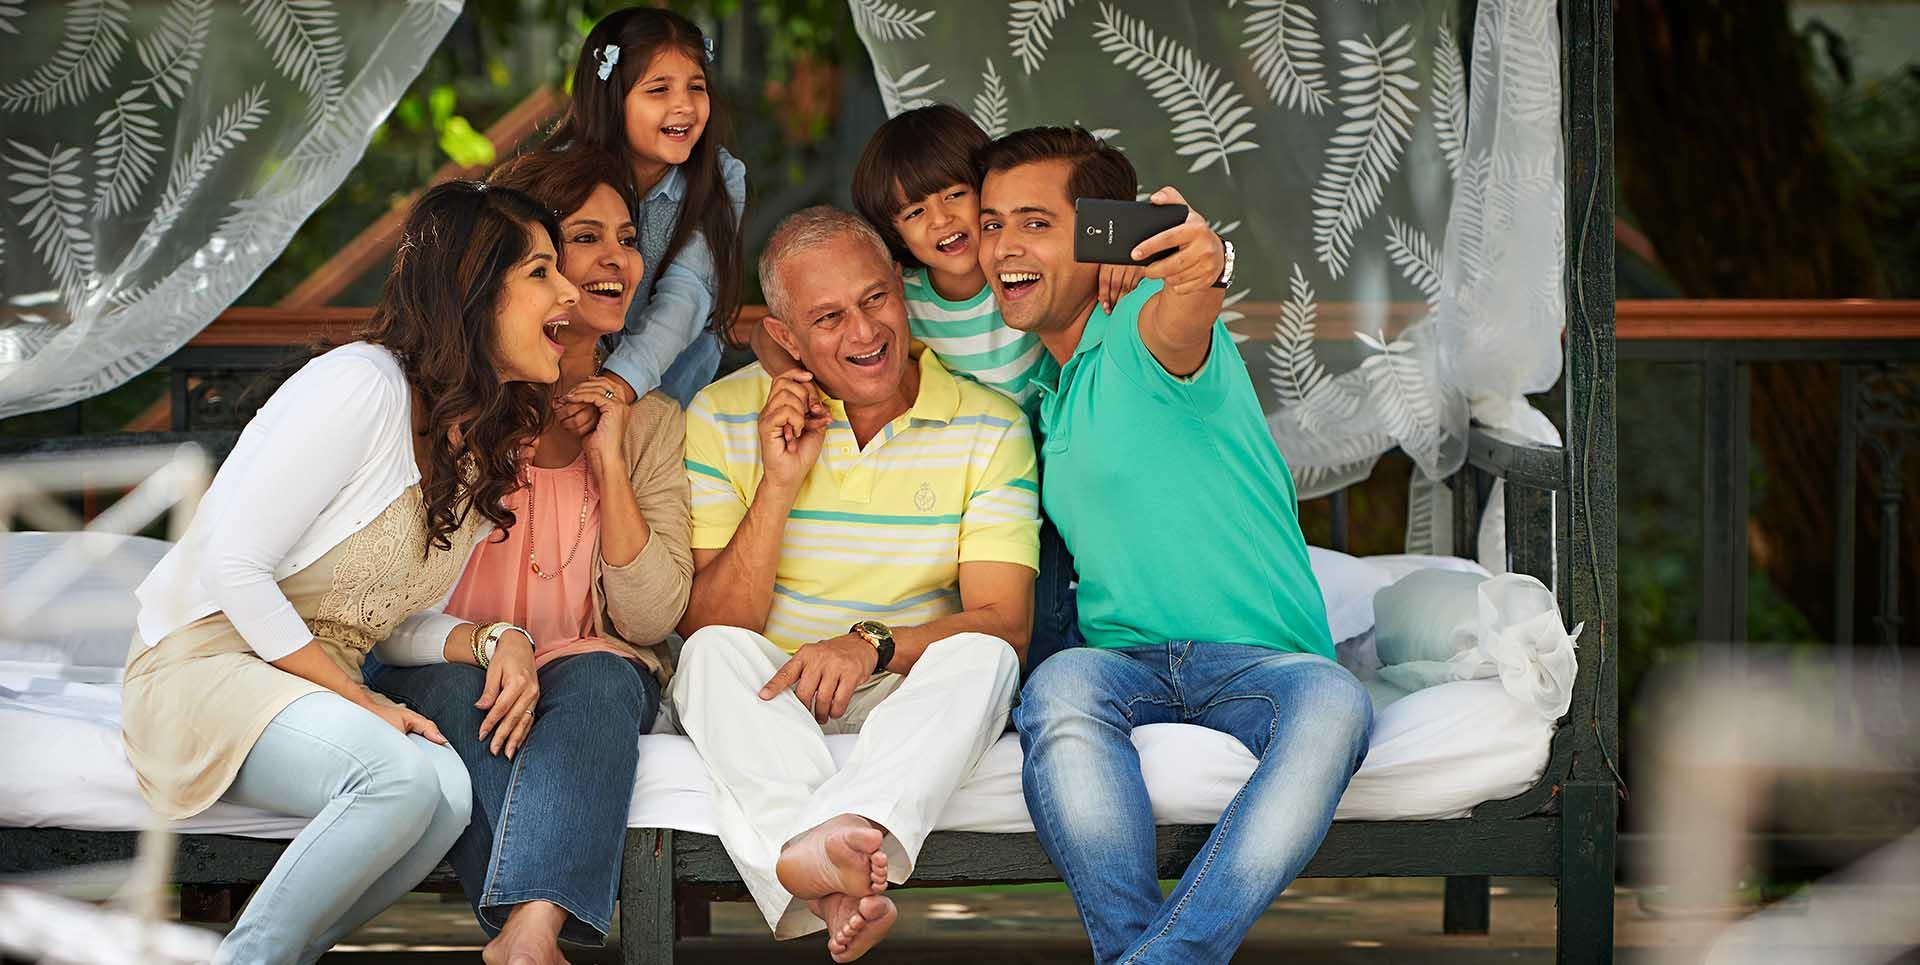 Family Enjoying Vacations